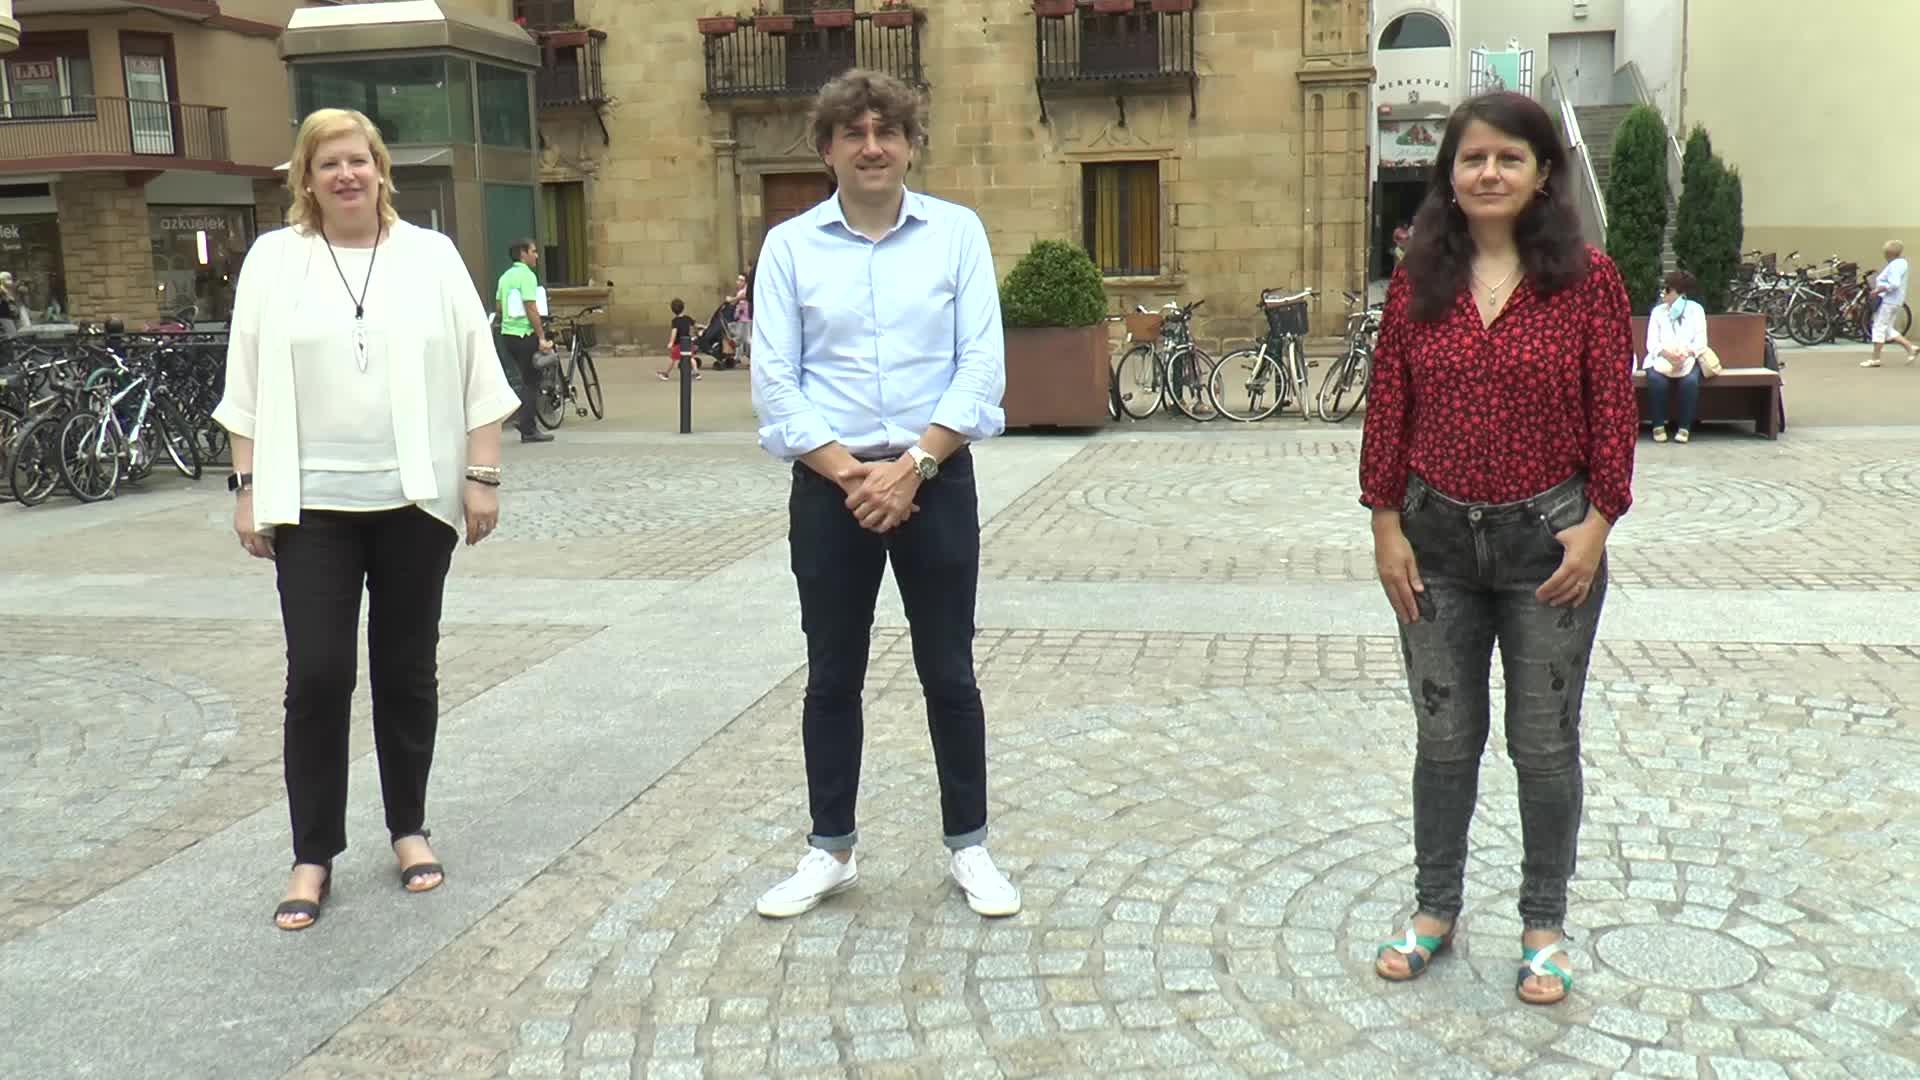 Turismo jasangarriaren aldeko proposamena egin du PSE-EEk